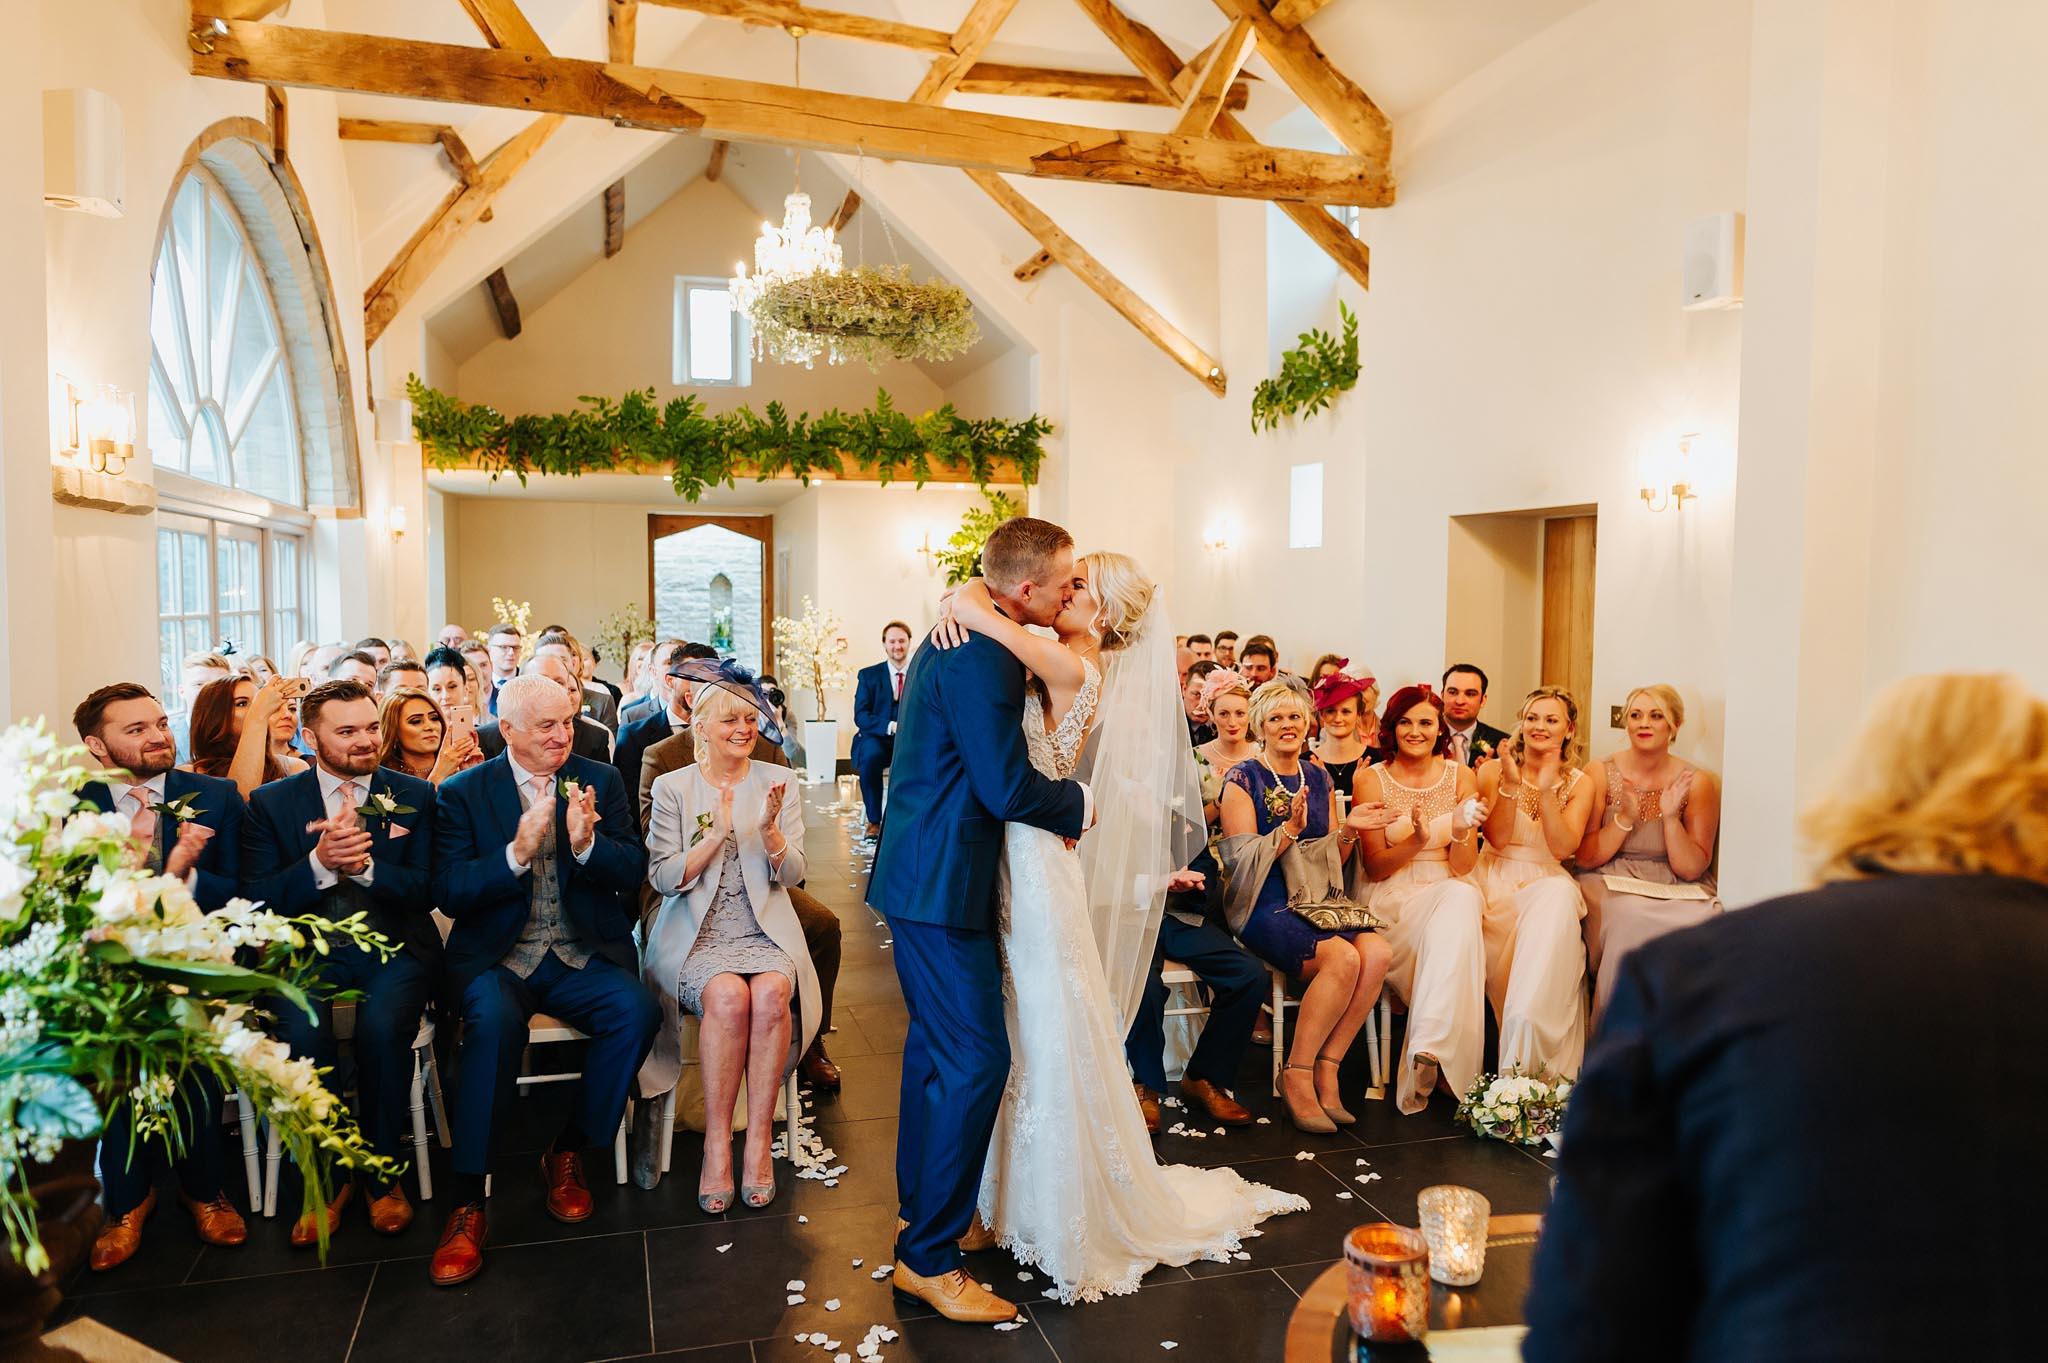 Lemore Manor wedding, Herefordshire - West Midlands | Sadie + Ken 35